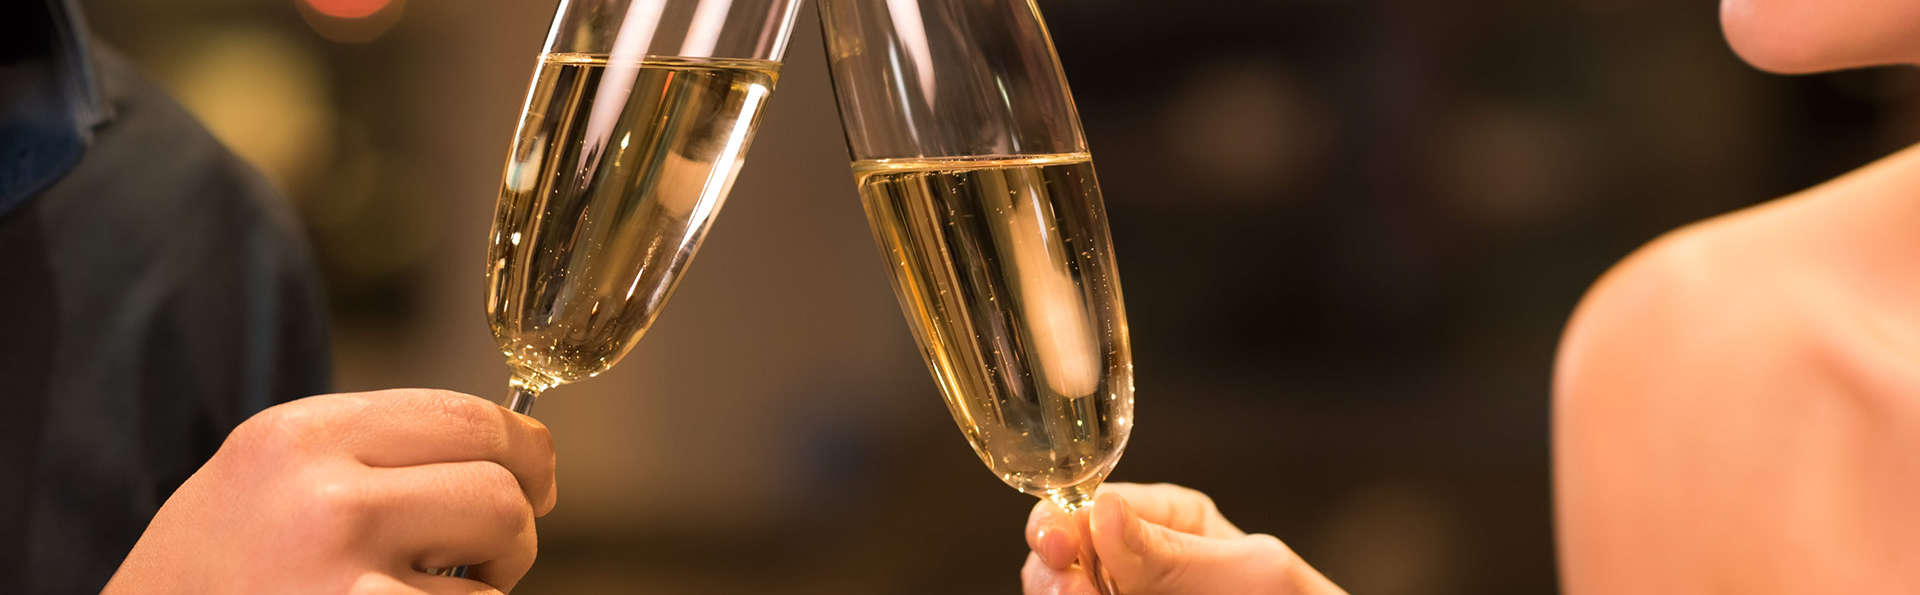 Séjour romantique avec champagne dans un hôtel 4*